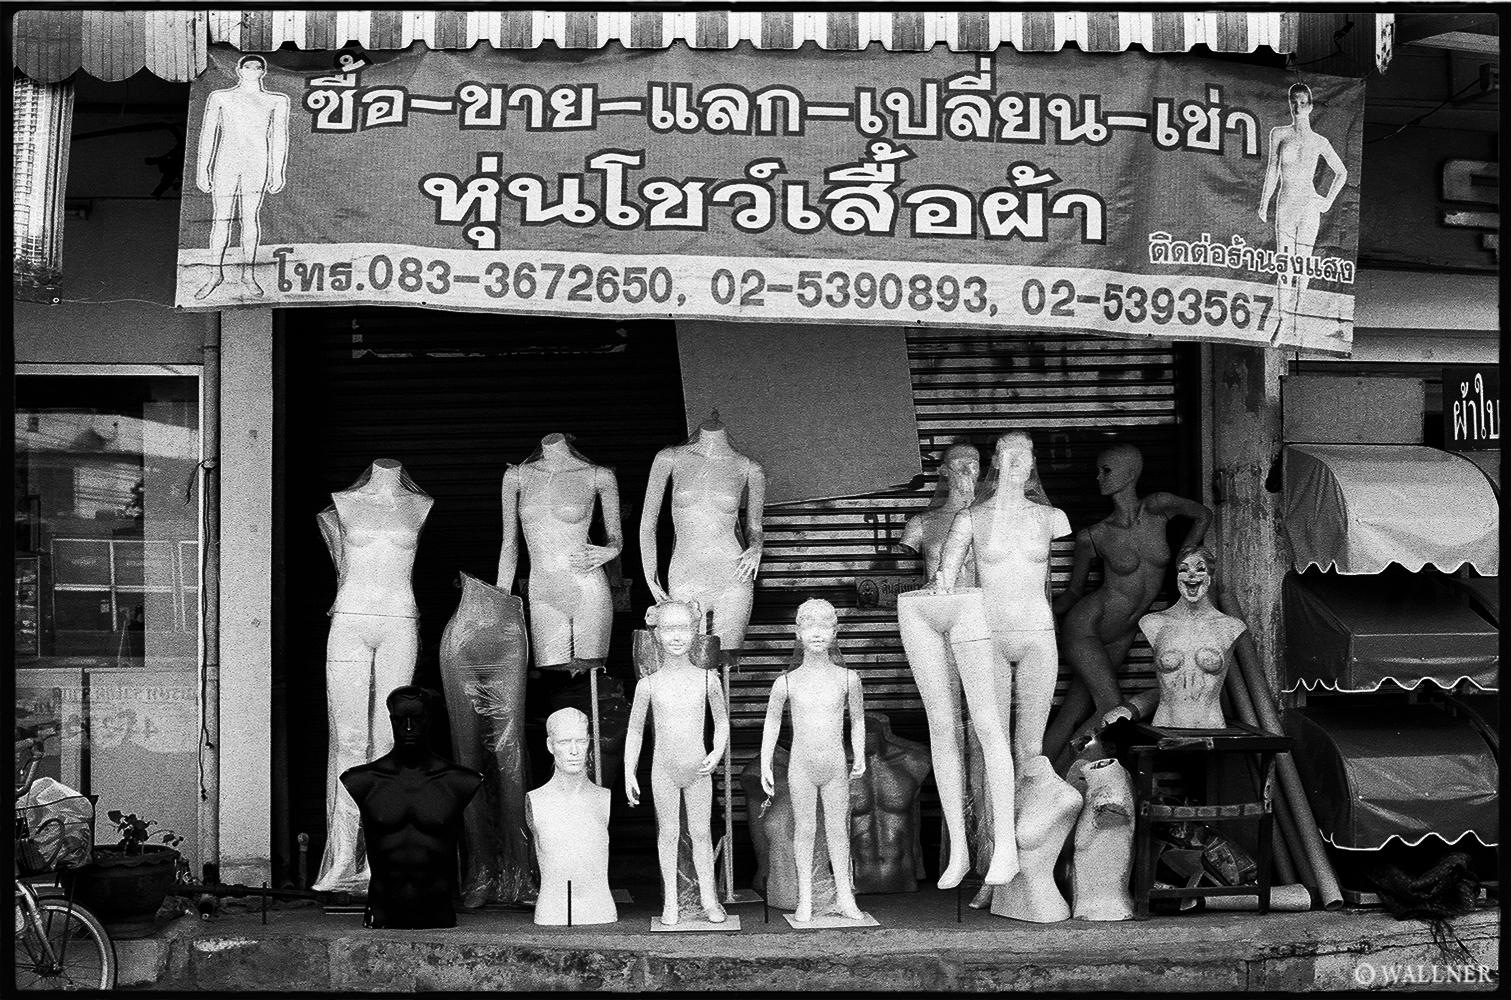 35mmPatrikWallner_Bangkok_ManicanStoreLOWQ